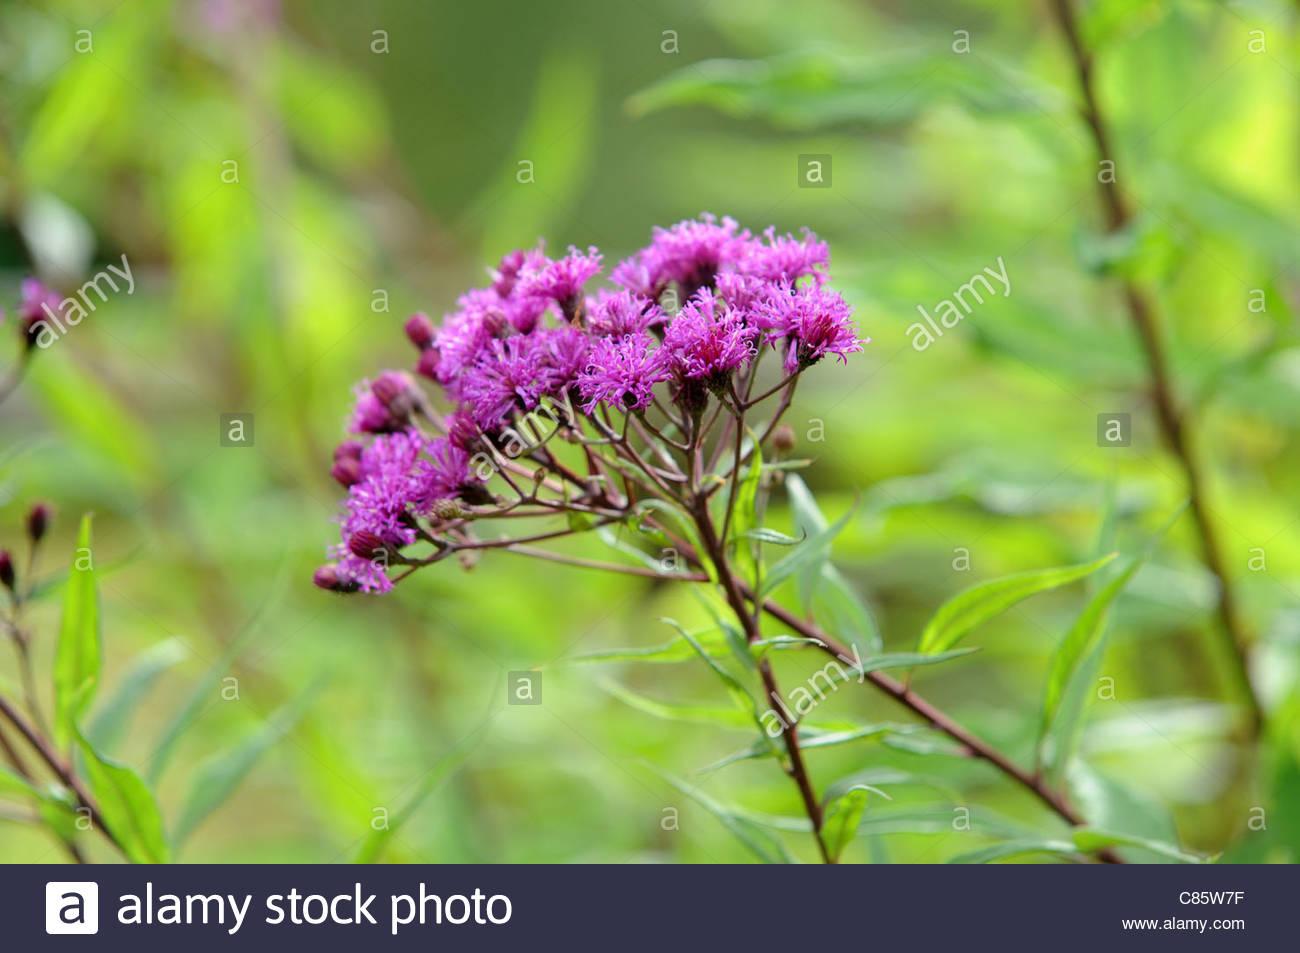 Vernonia arkansana - Stock Image